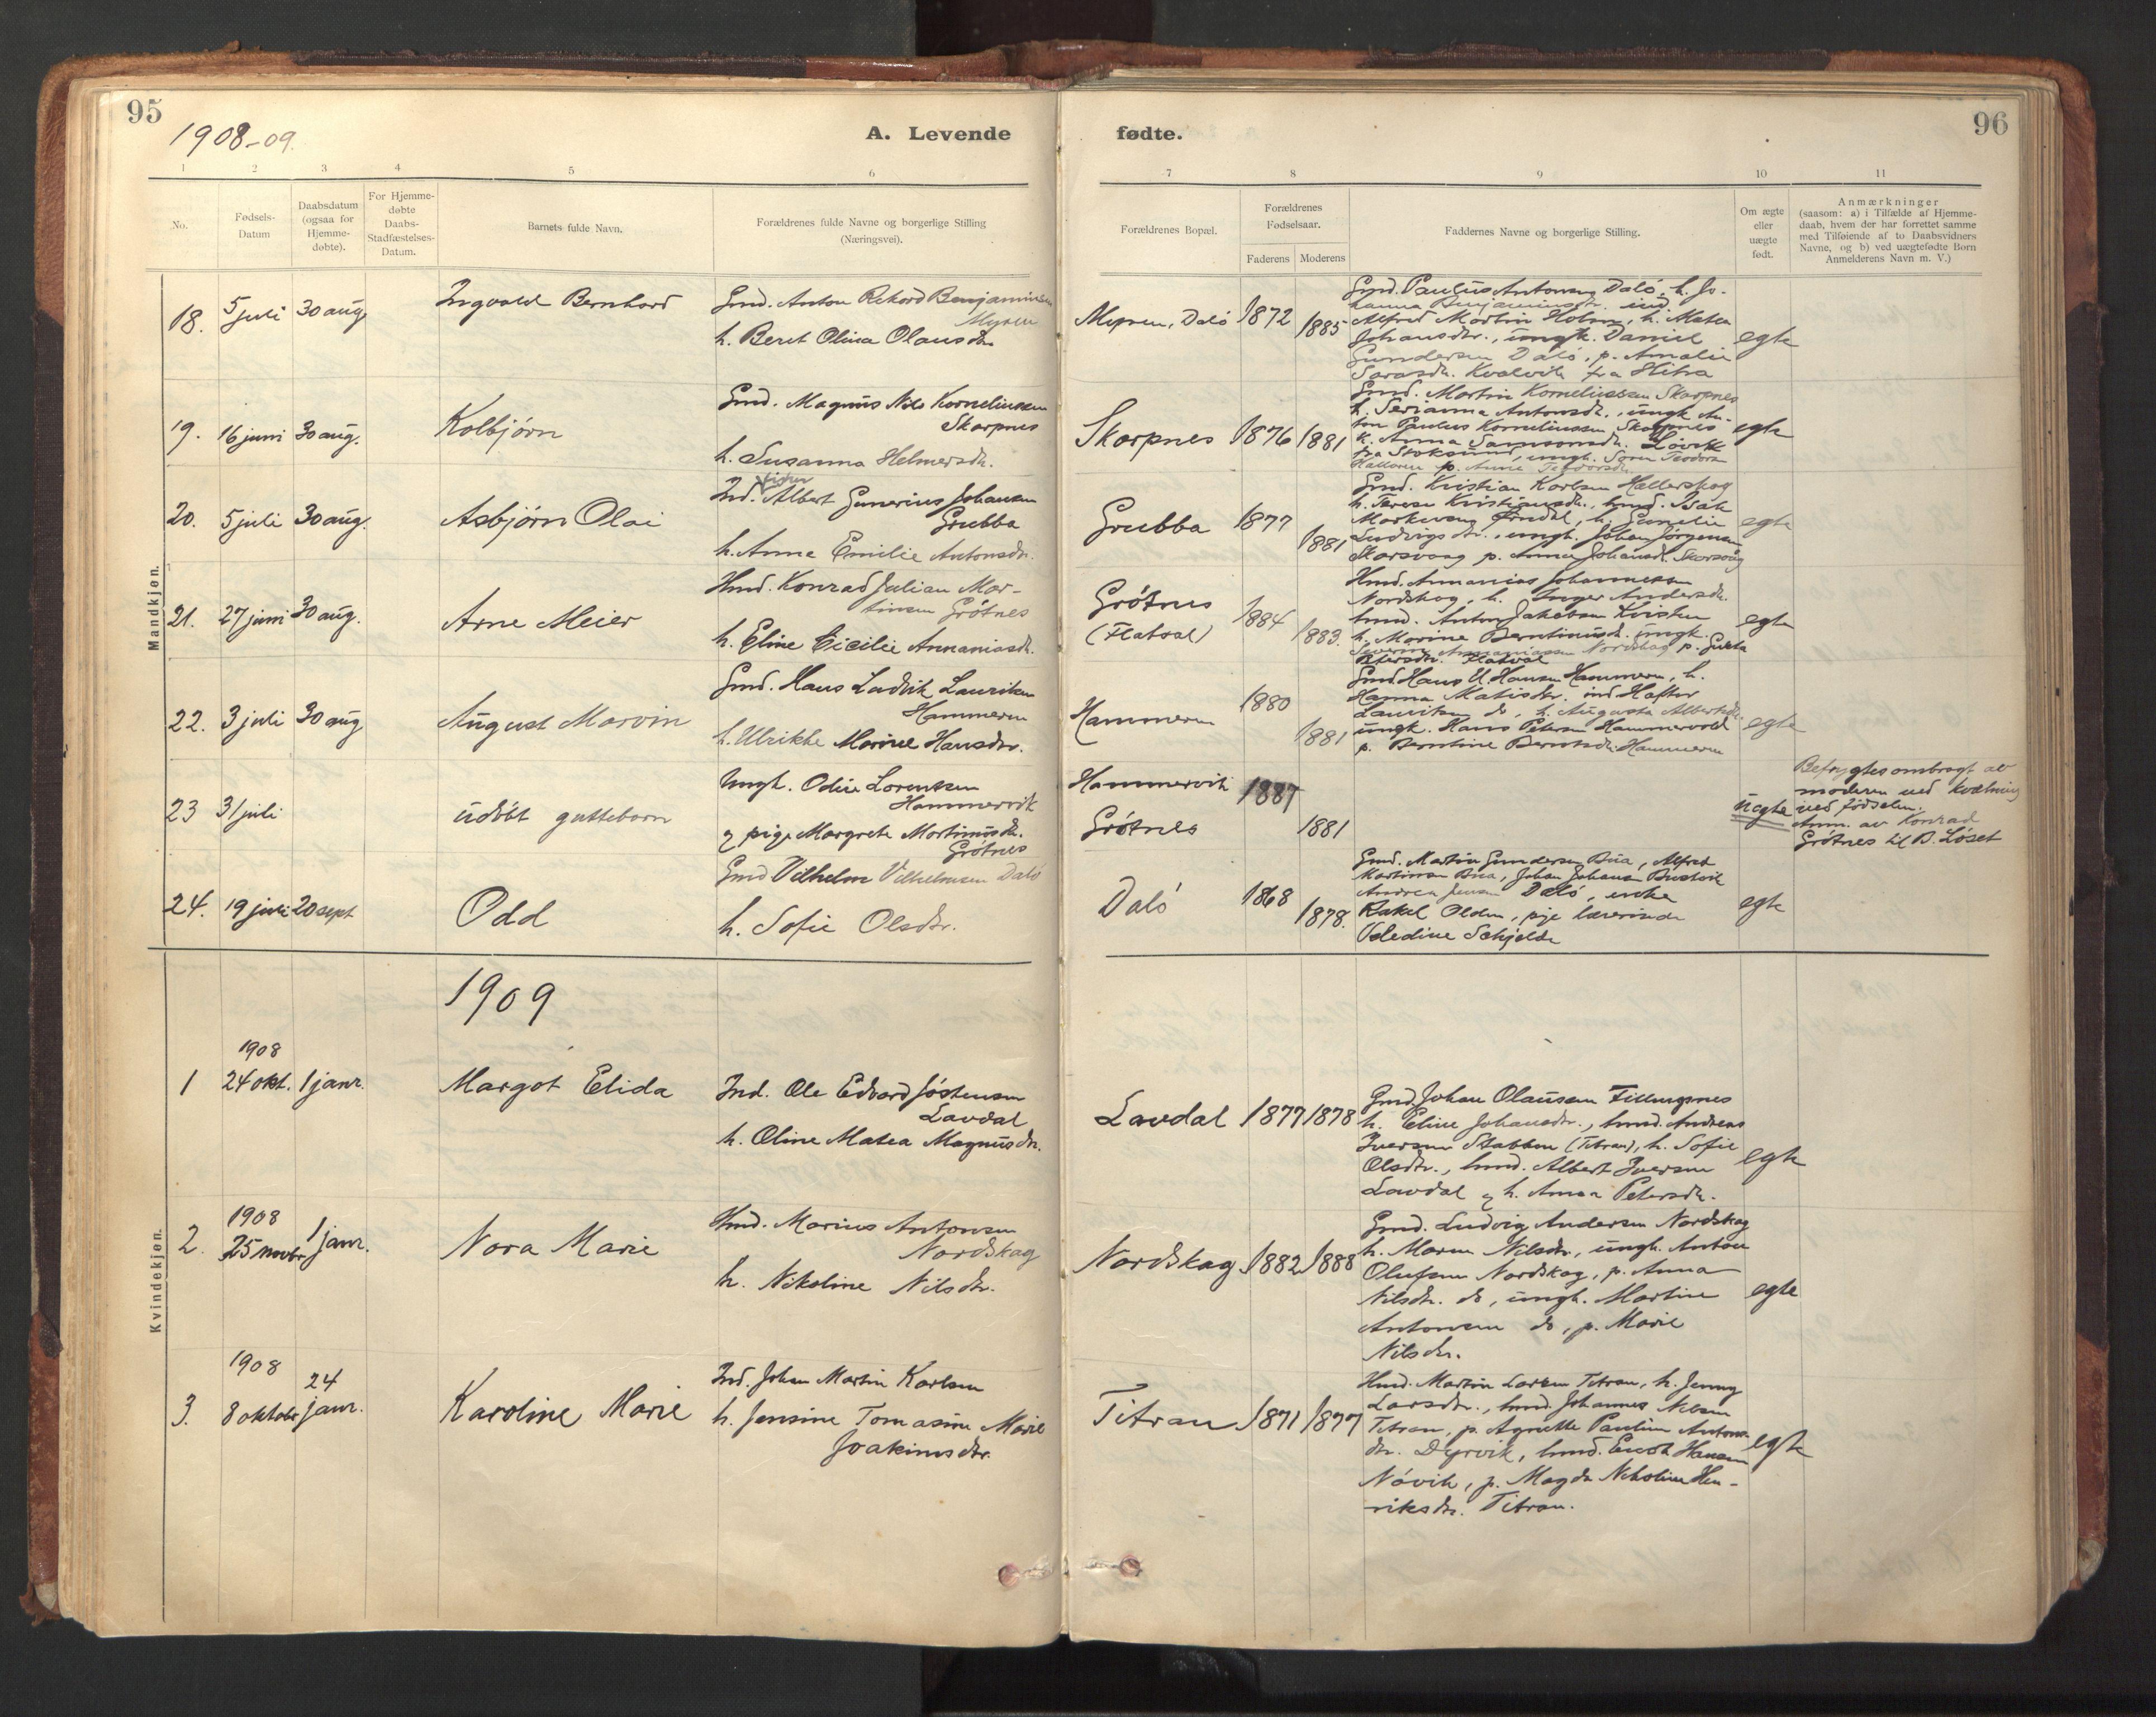 SAT, Ministerialprotokoller, klokkerbøker og fødselsregistre - Sør-Trøndelag, 641/L0596: Ministerialbok nr. 641A02, 1898-1915, s. 95-96